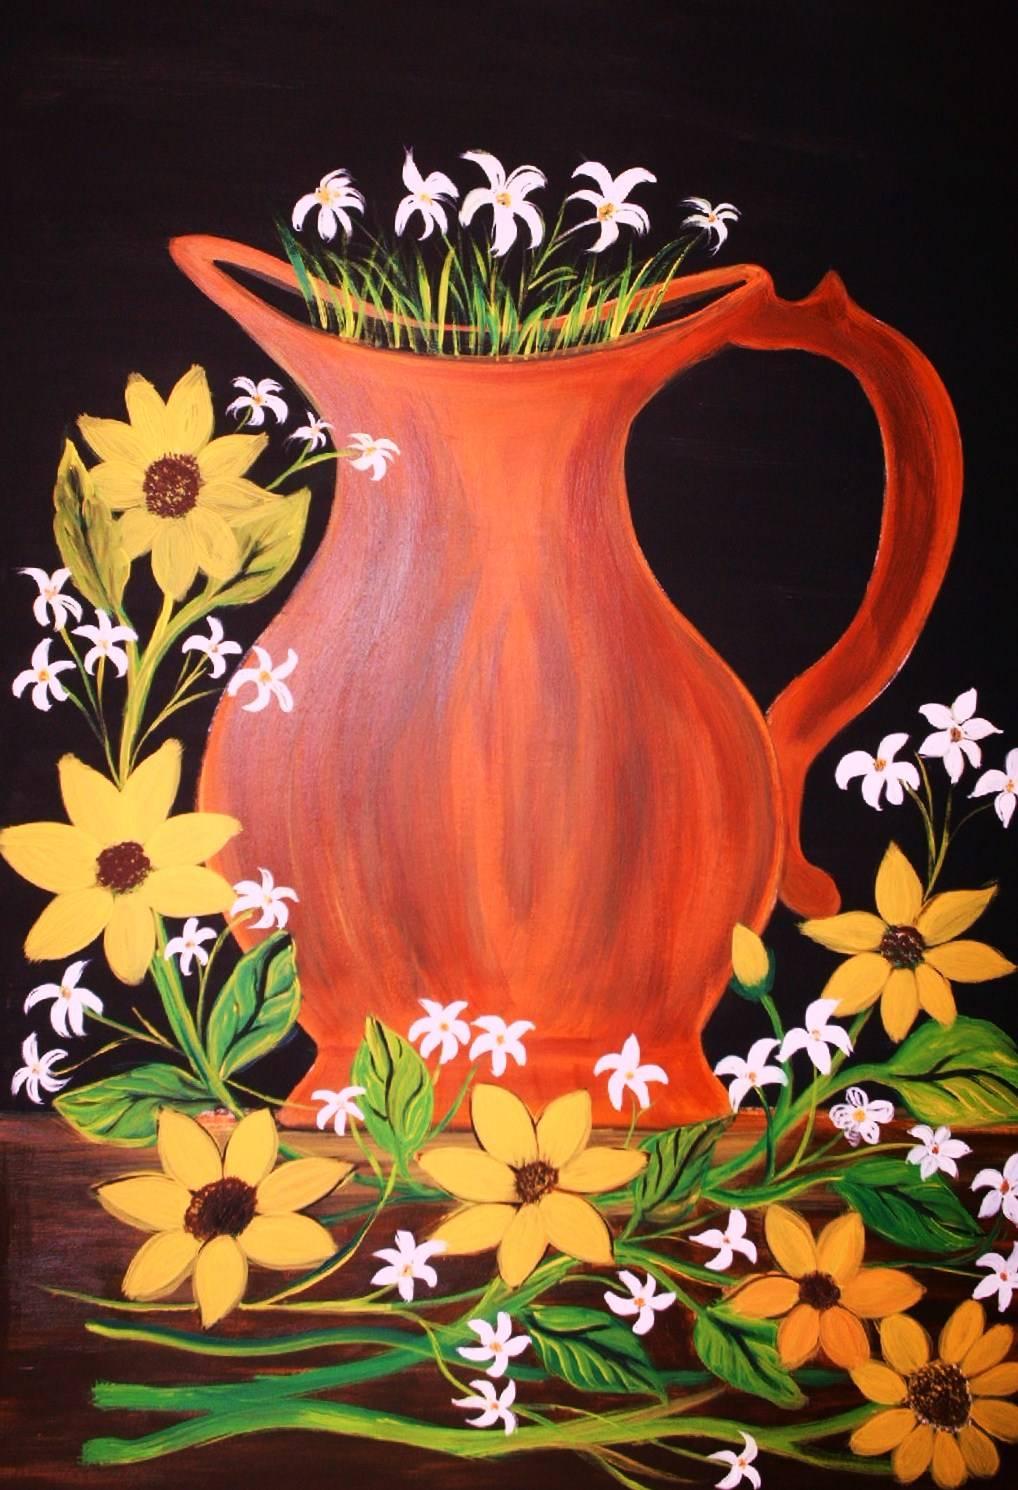 Venta de cuadros Floral | Venta de Pinturas (de la 231 a la 252)